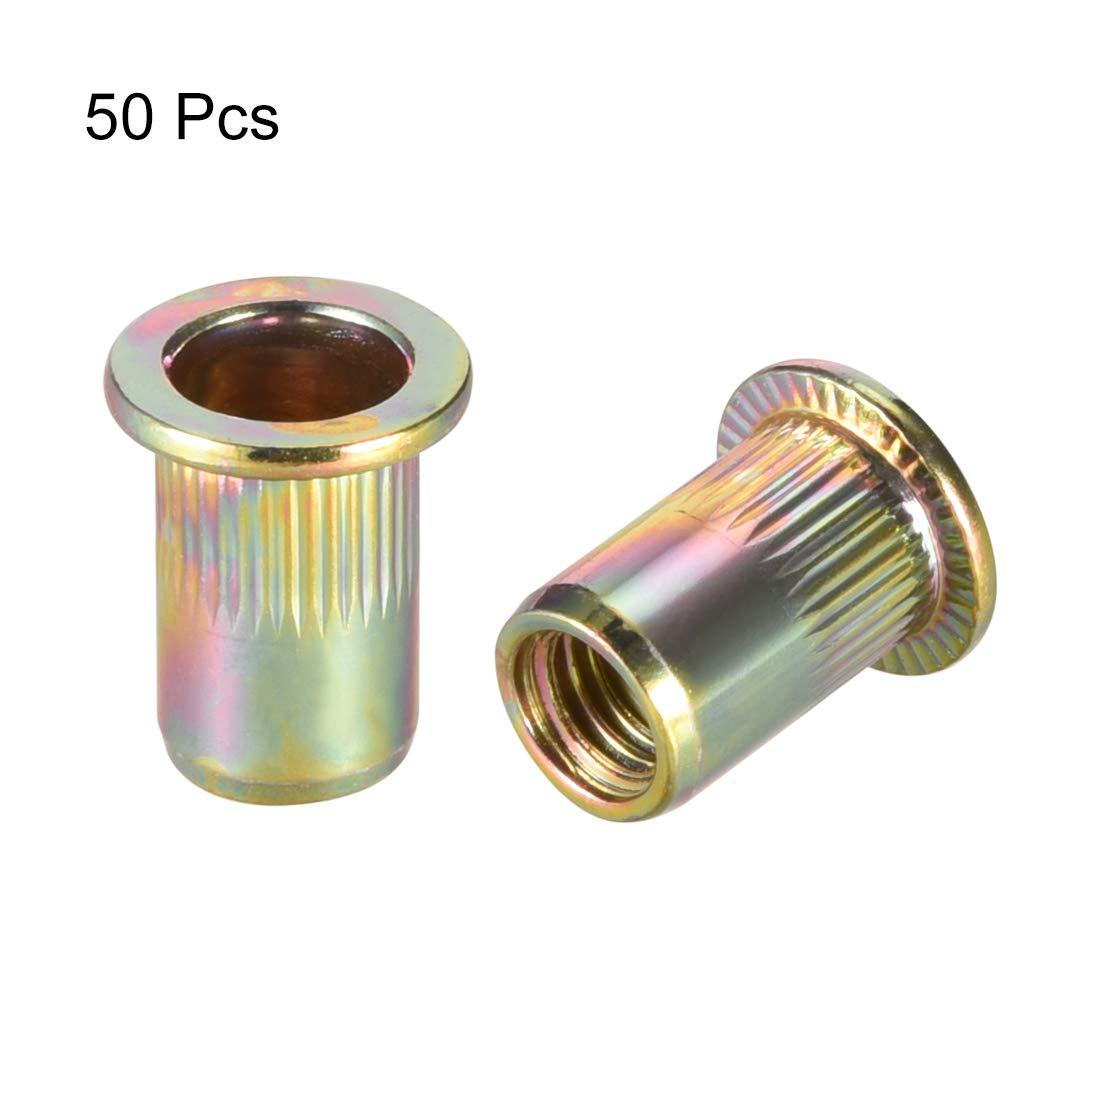 uxcell M8 Flat Head Half Hex Body Threaded Rivet Nuts Nutserts 50 Pcs a15072400ux0519